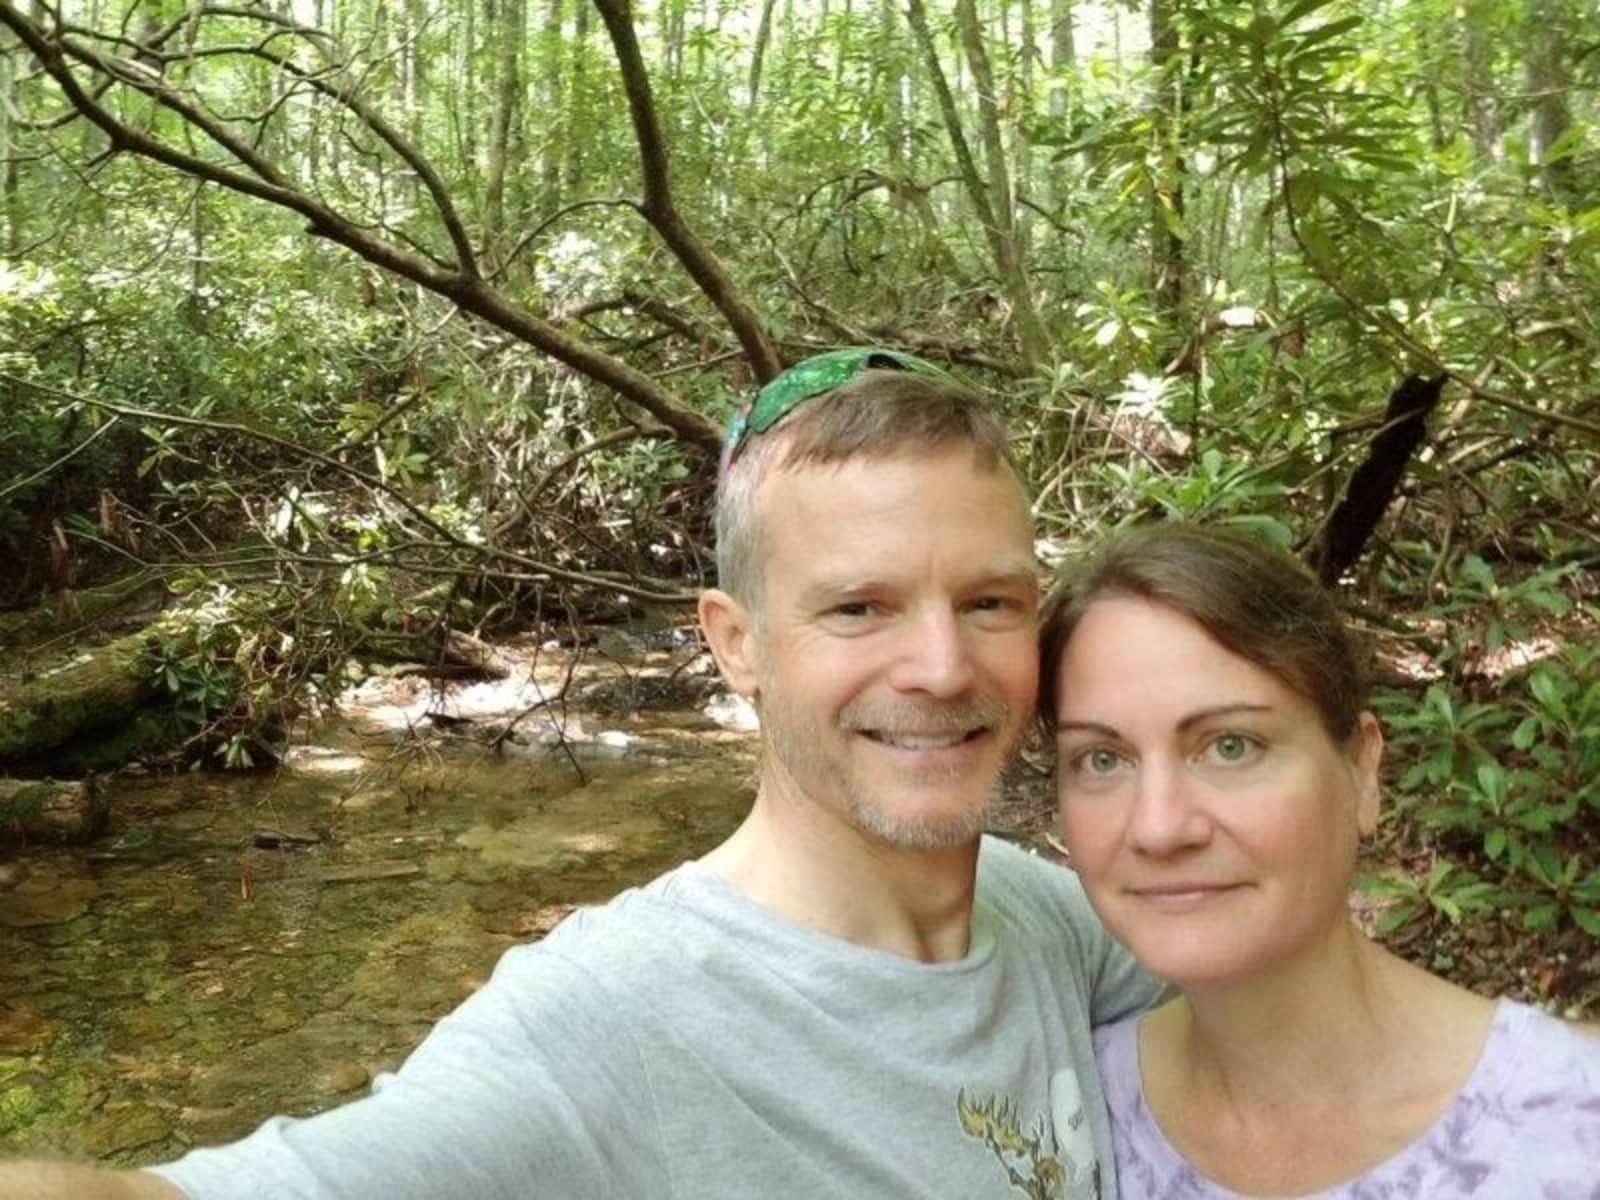 Michelle from Vernon, British Columbia, Canada